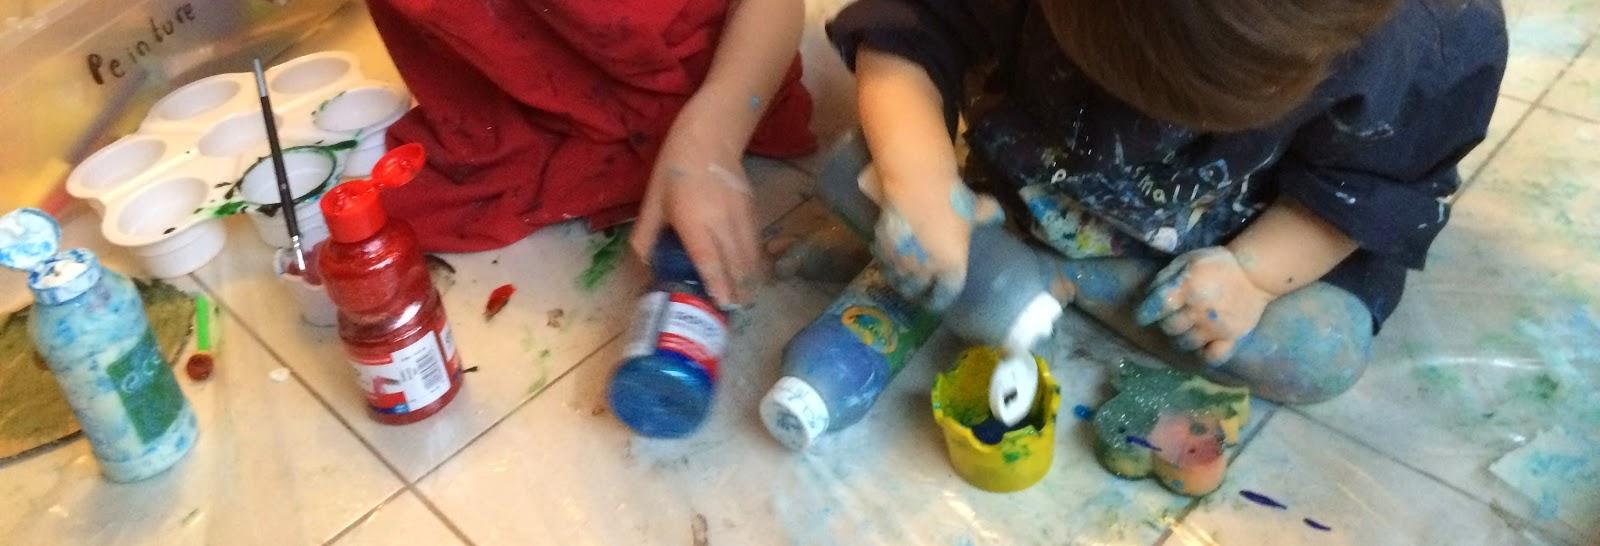 peinture-avec-les-enfants-bazar